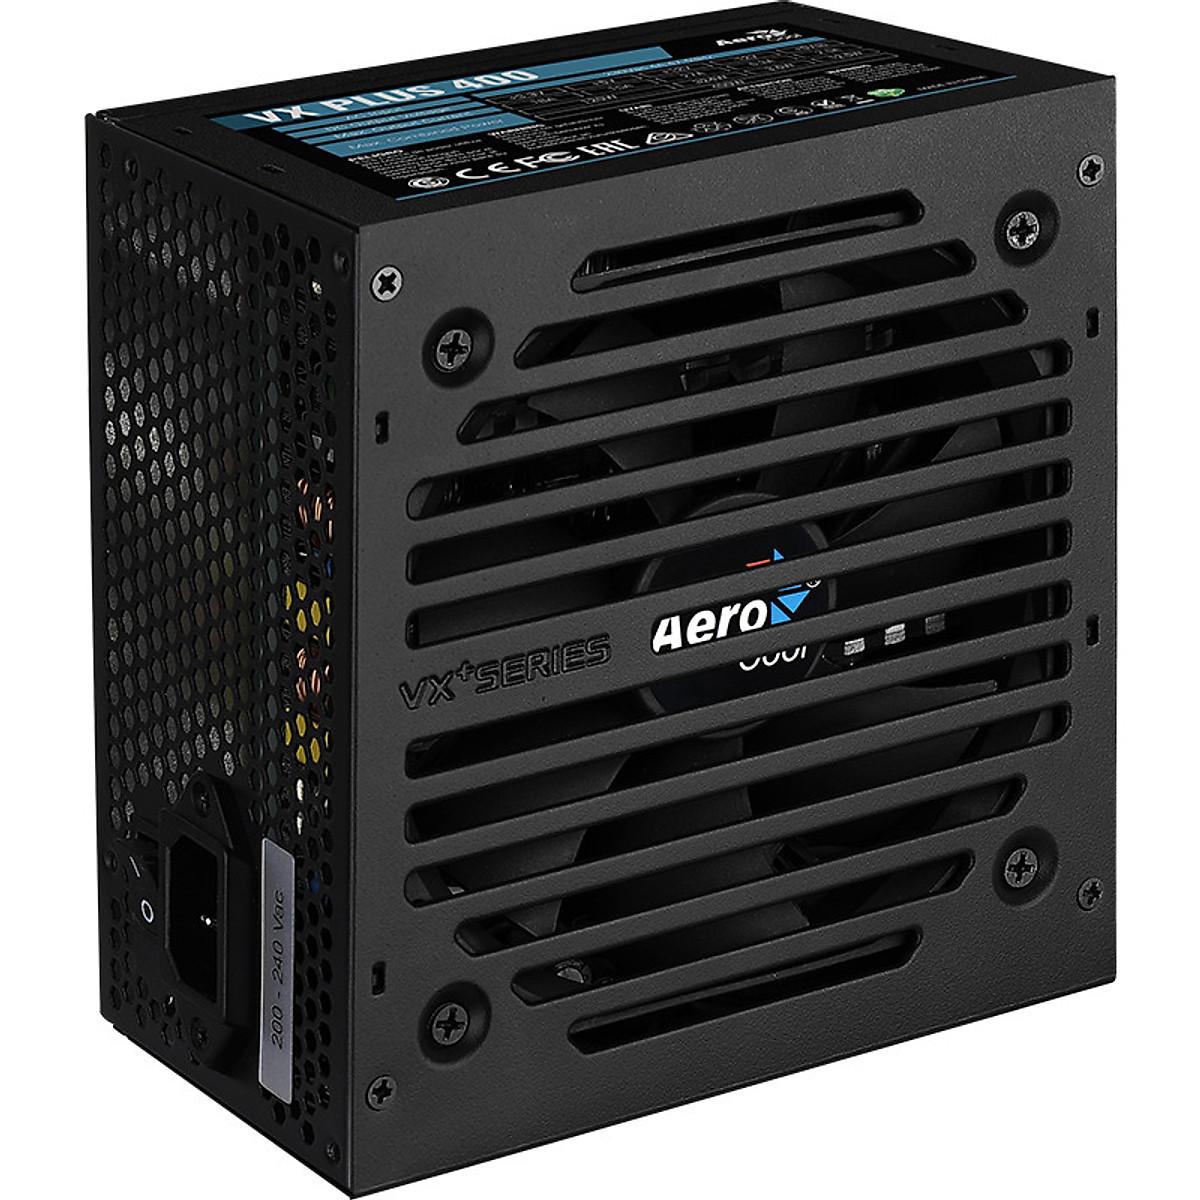 Nguồn máy tính Aerocool VX PLUS 400 230V N-PFC – Hàng Chính Hãng